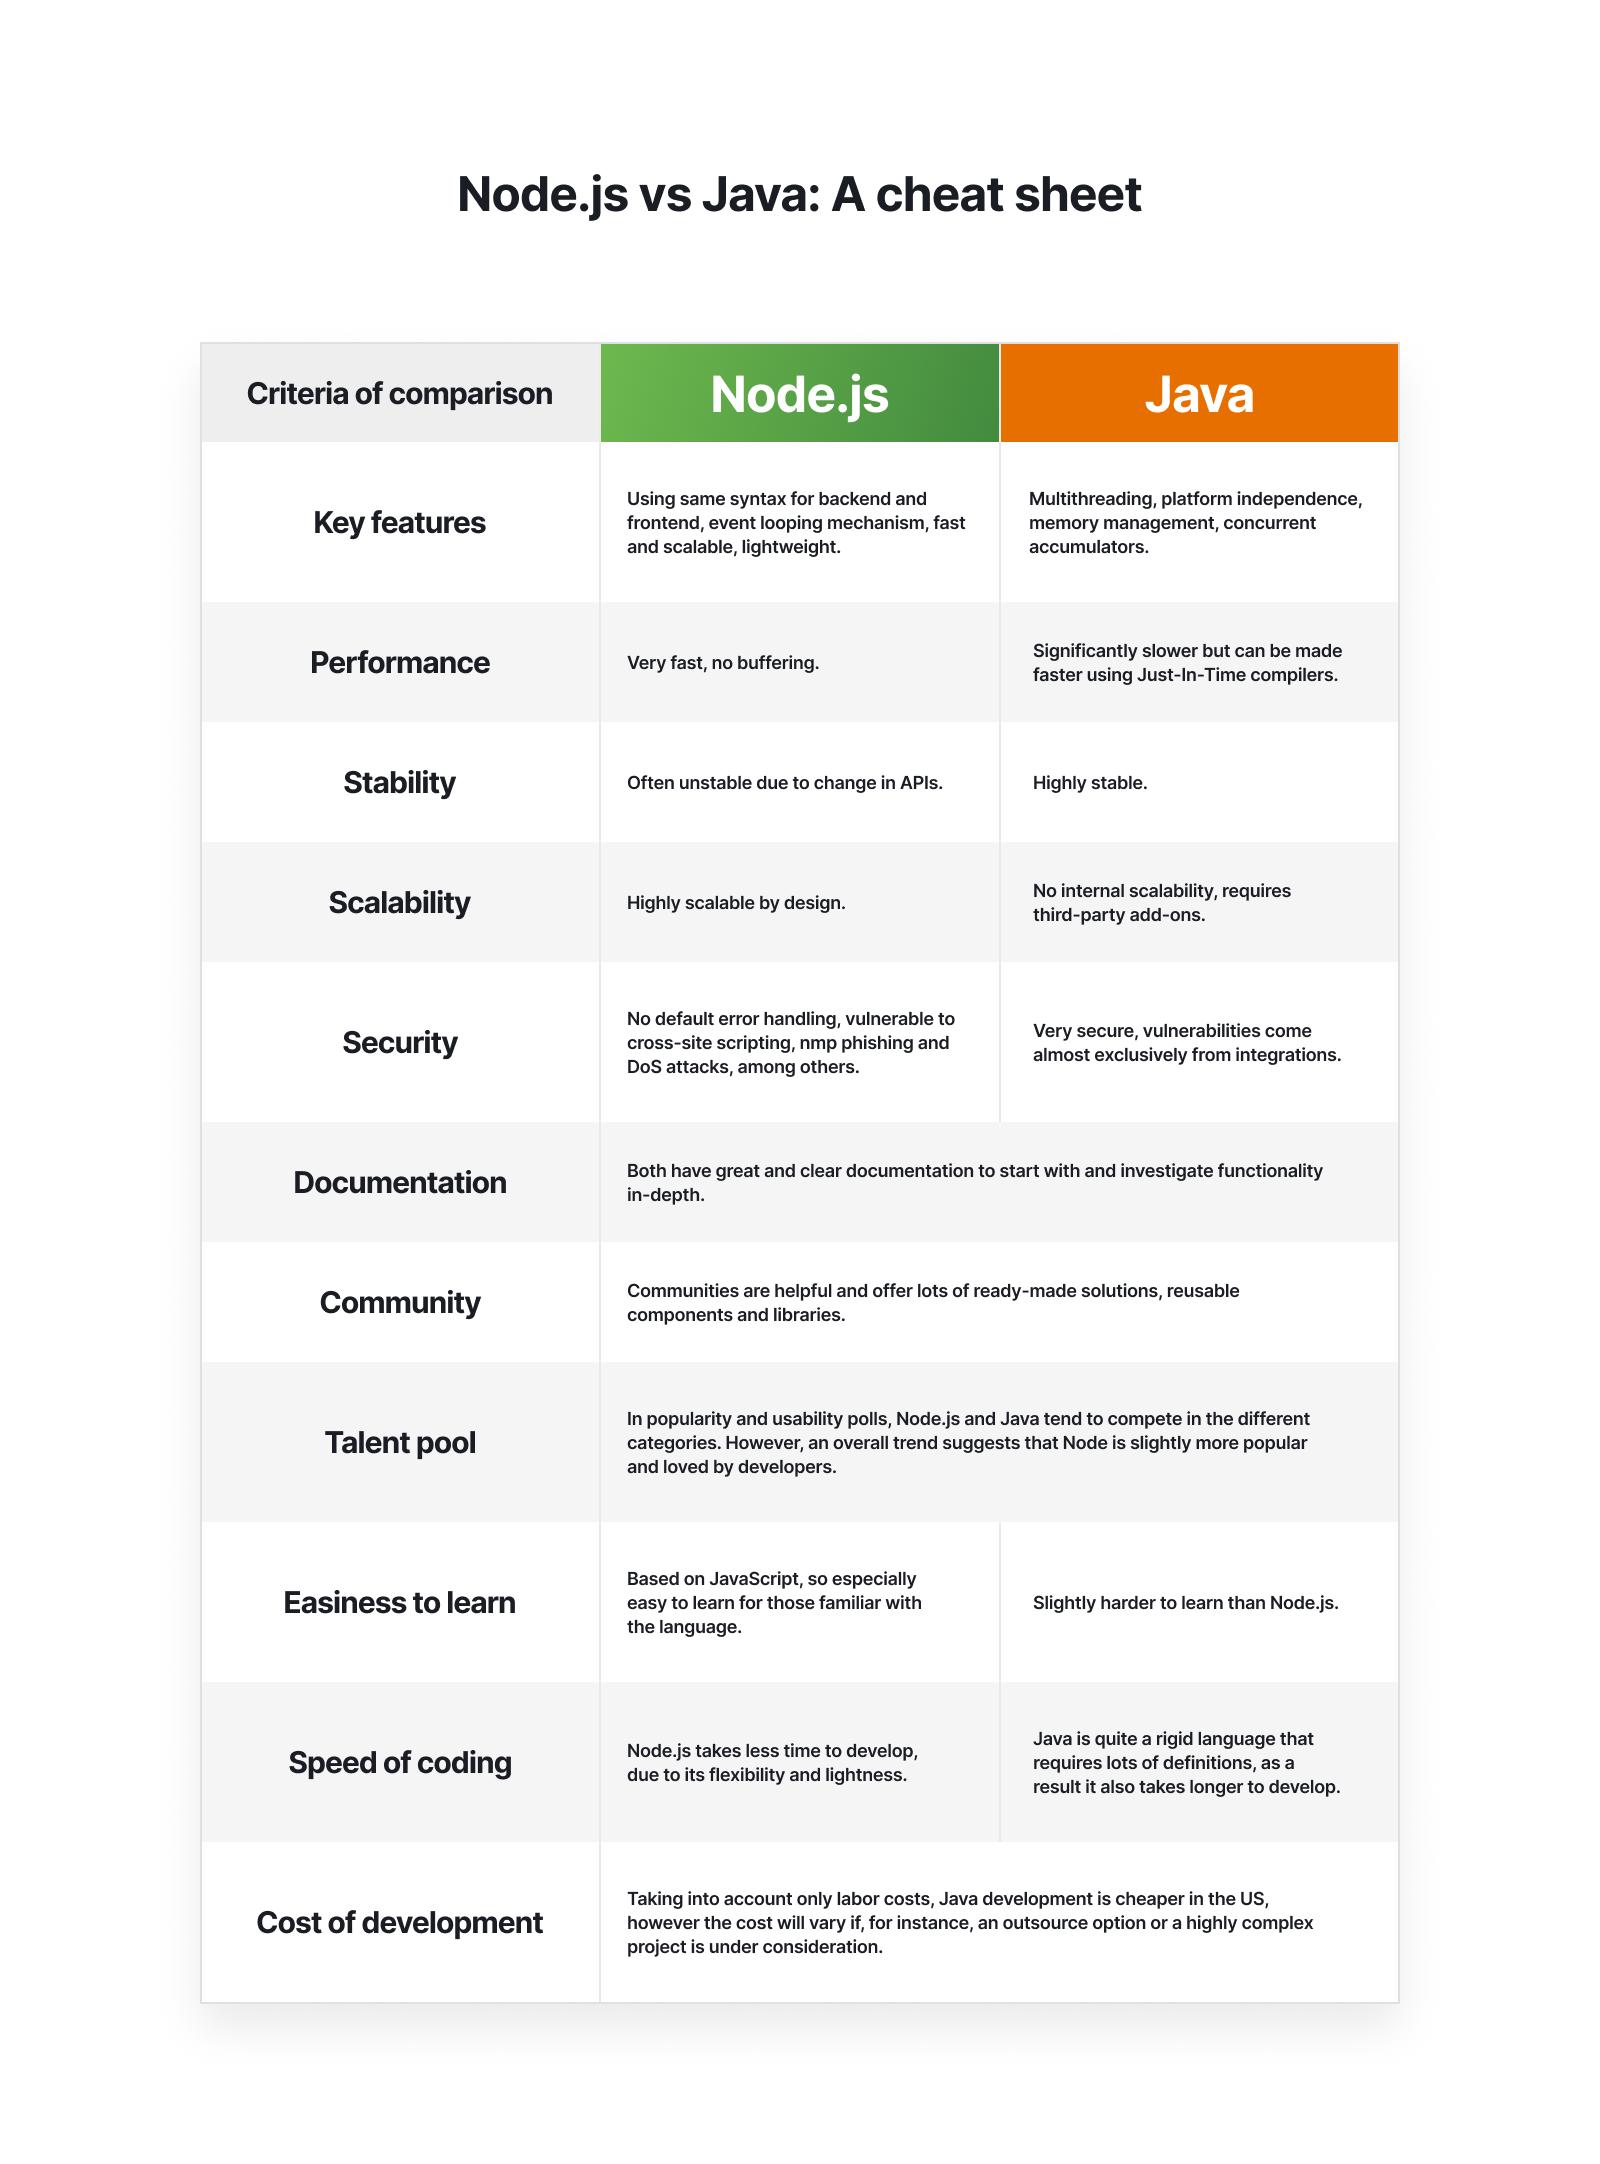 Node.js vs Java comparison